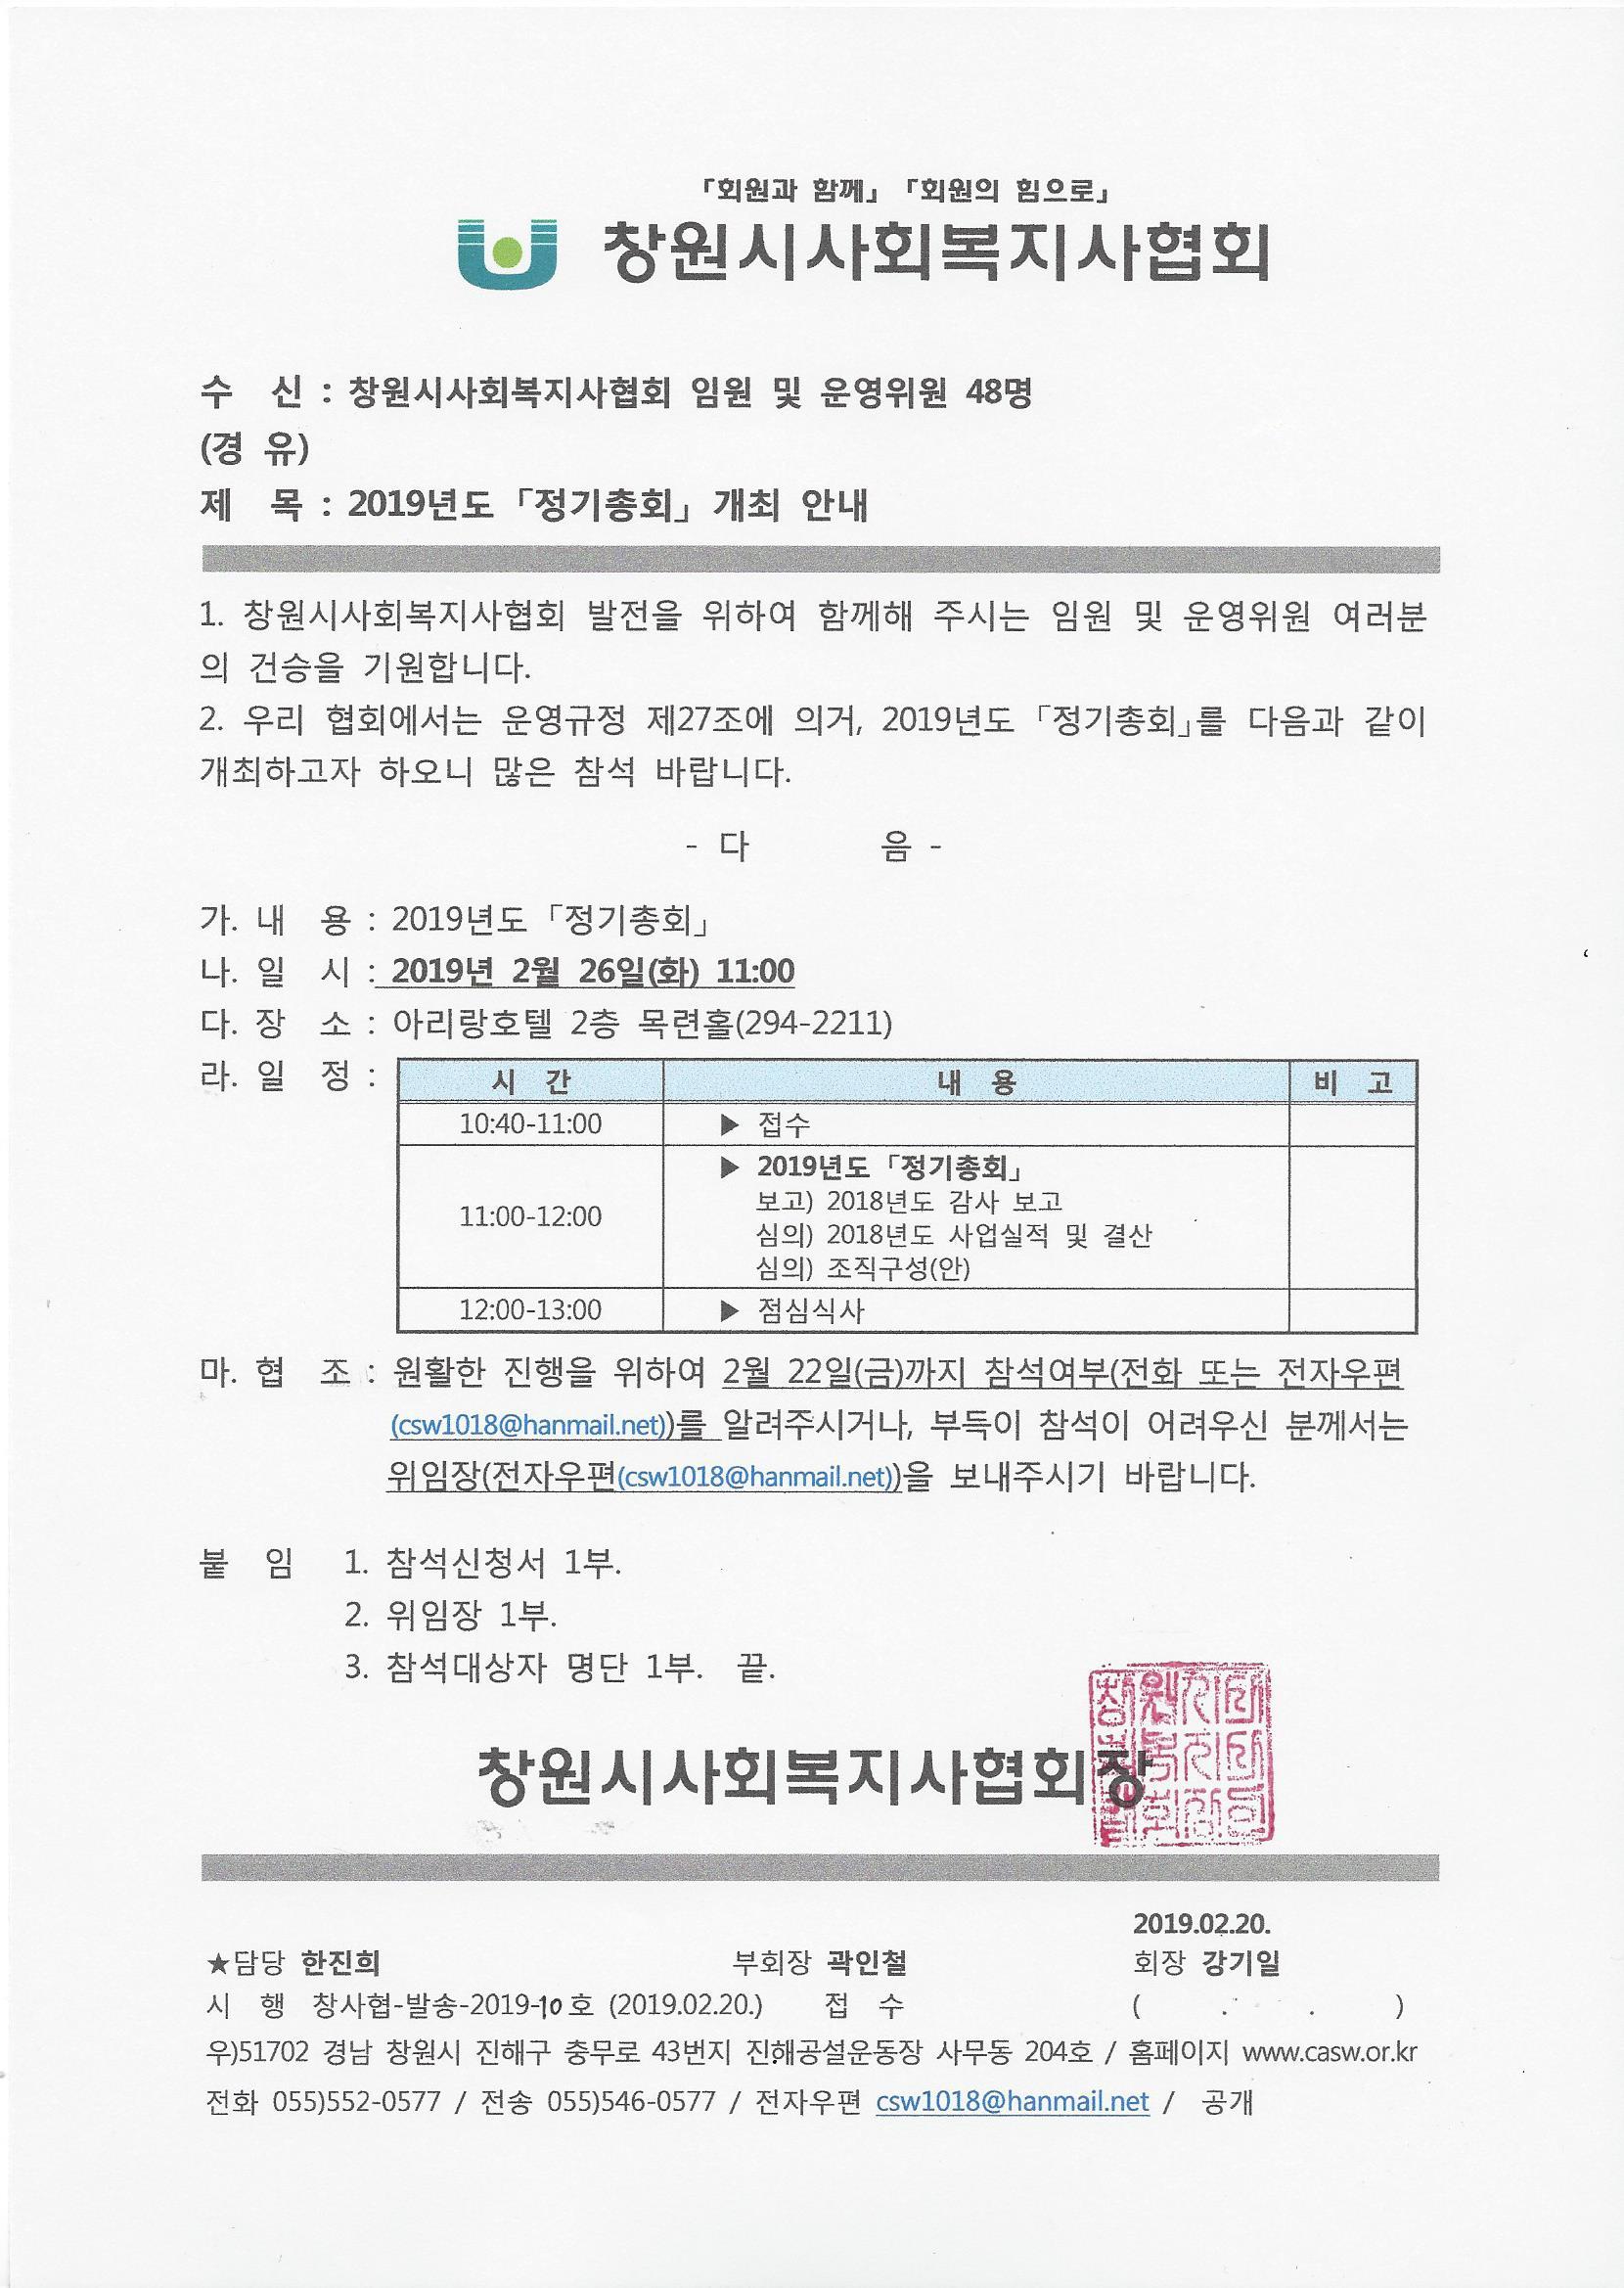 공문-정기총회 개최 안내.jpg